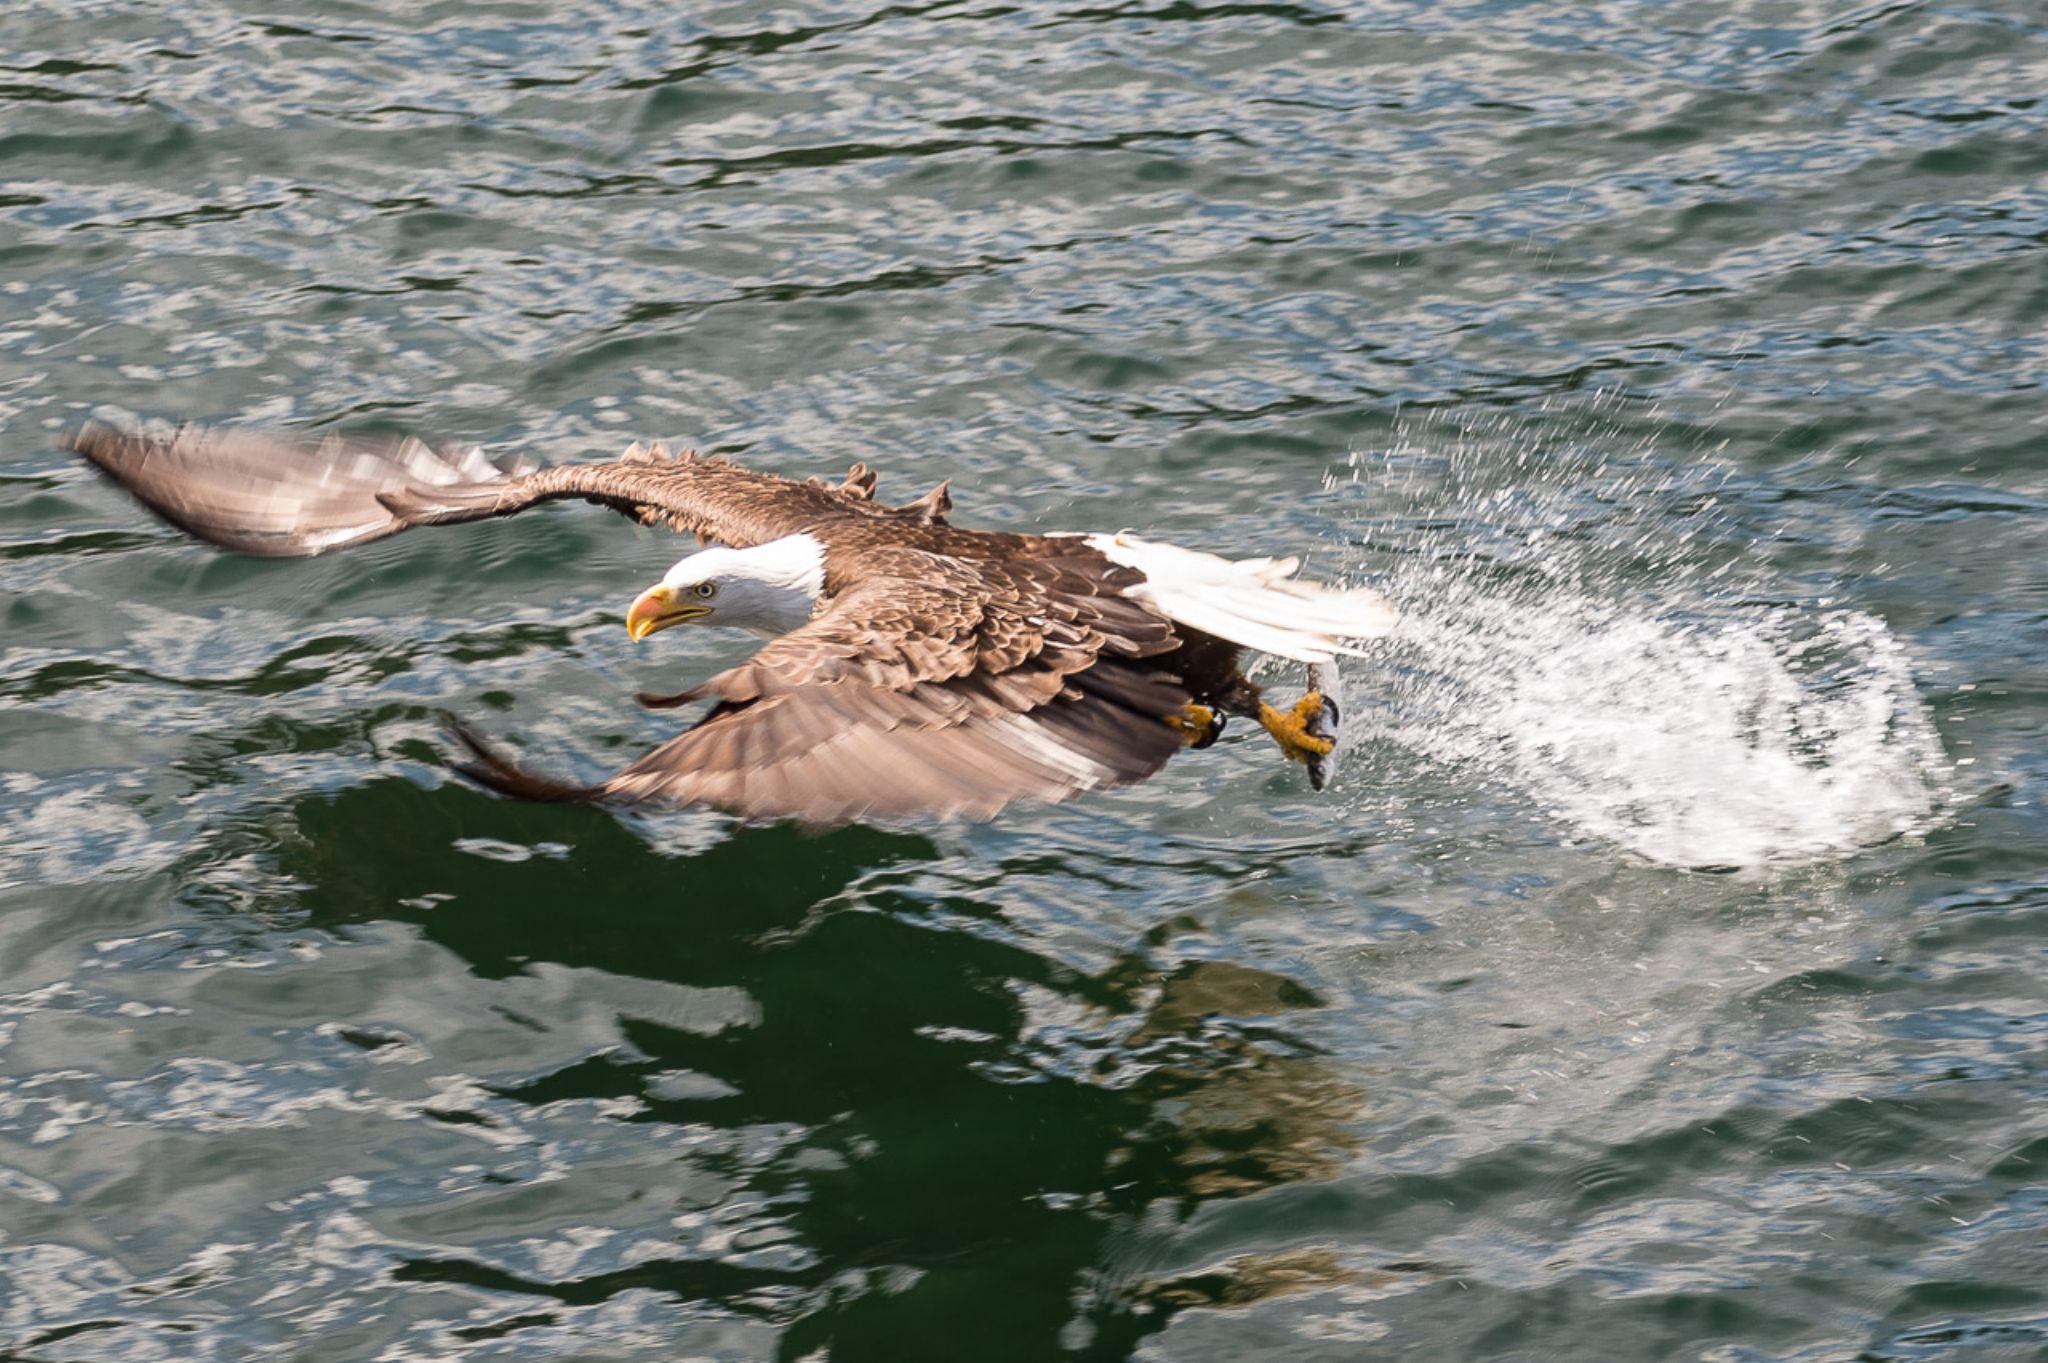 Eagles of Alaska by Garry Giesbrecht